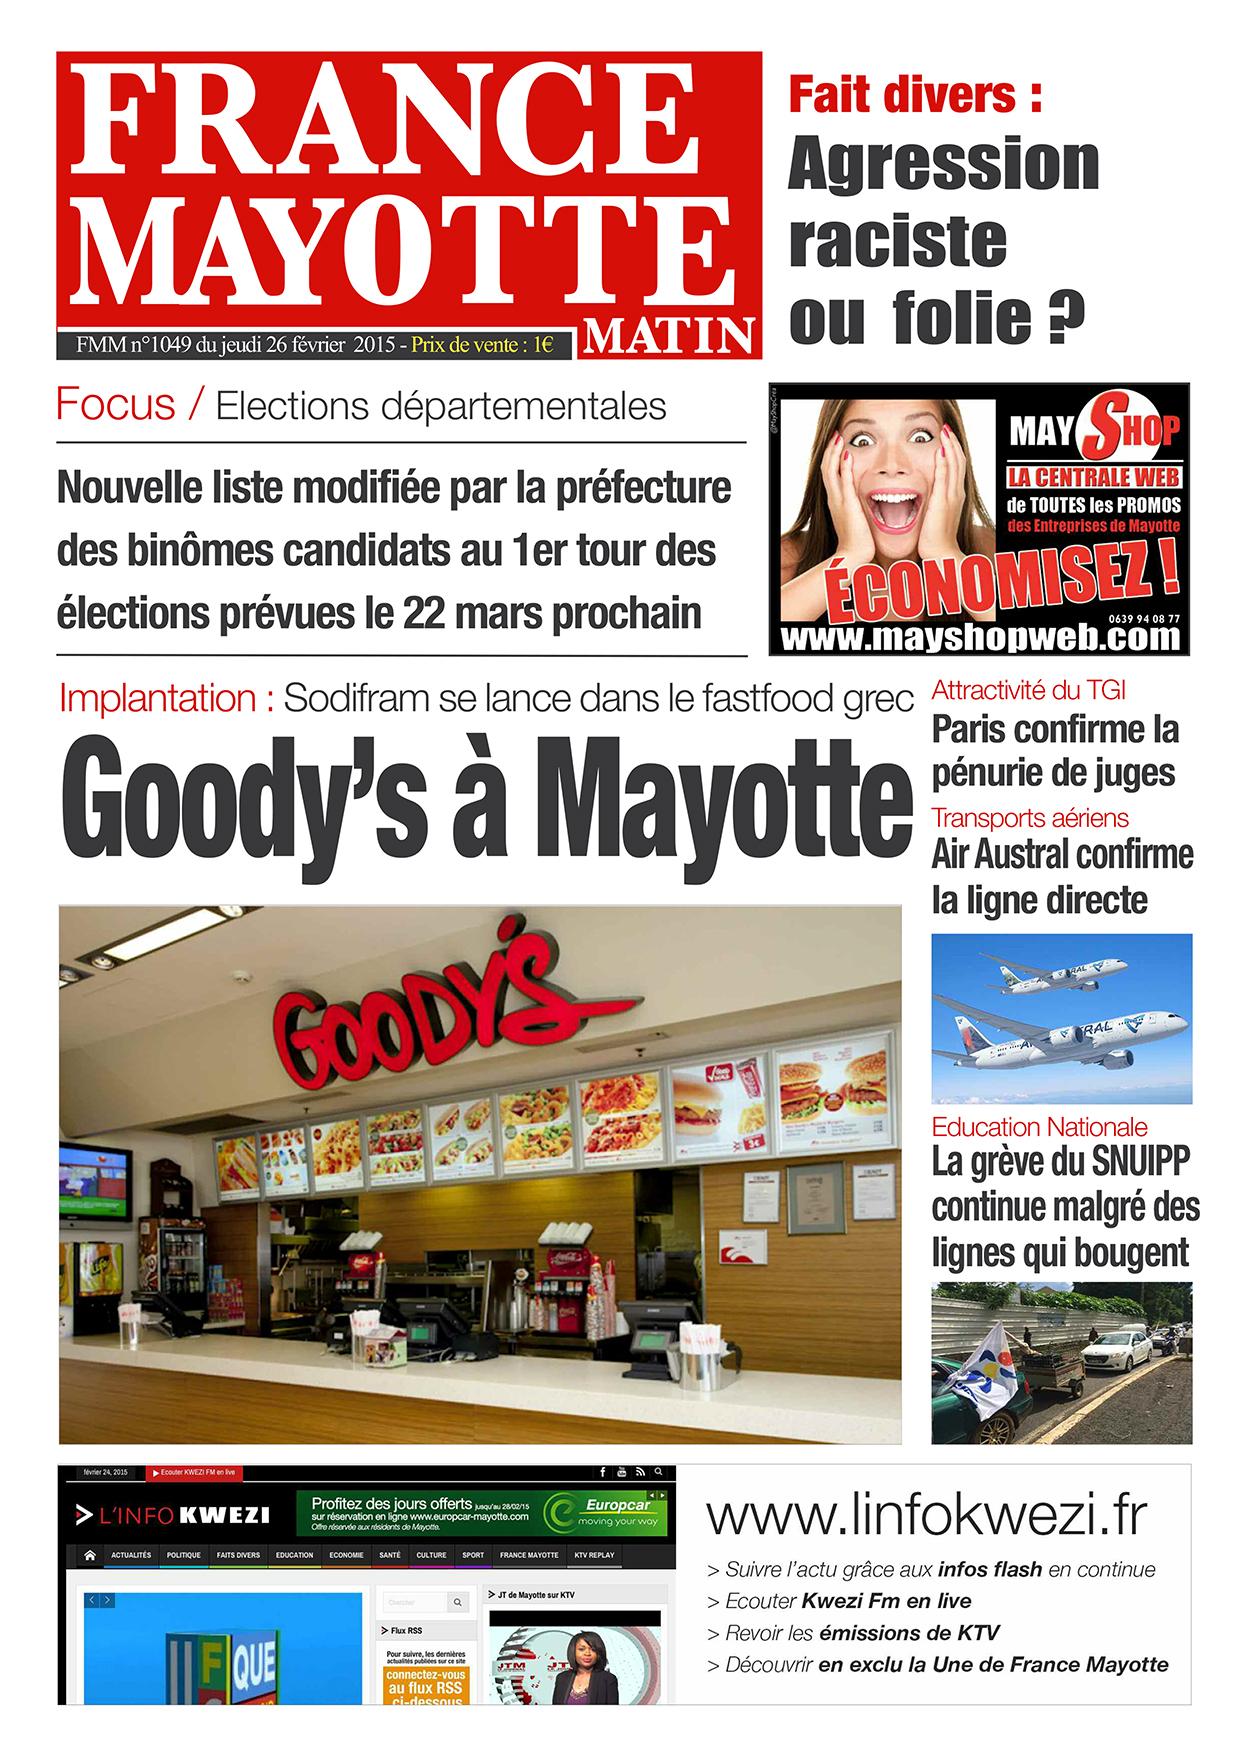 France Mayotte Jeudi 26 février 2015